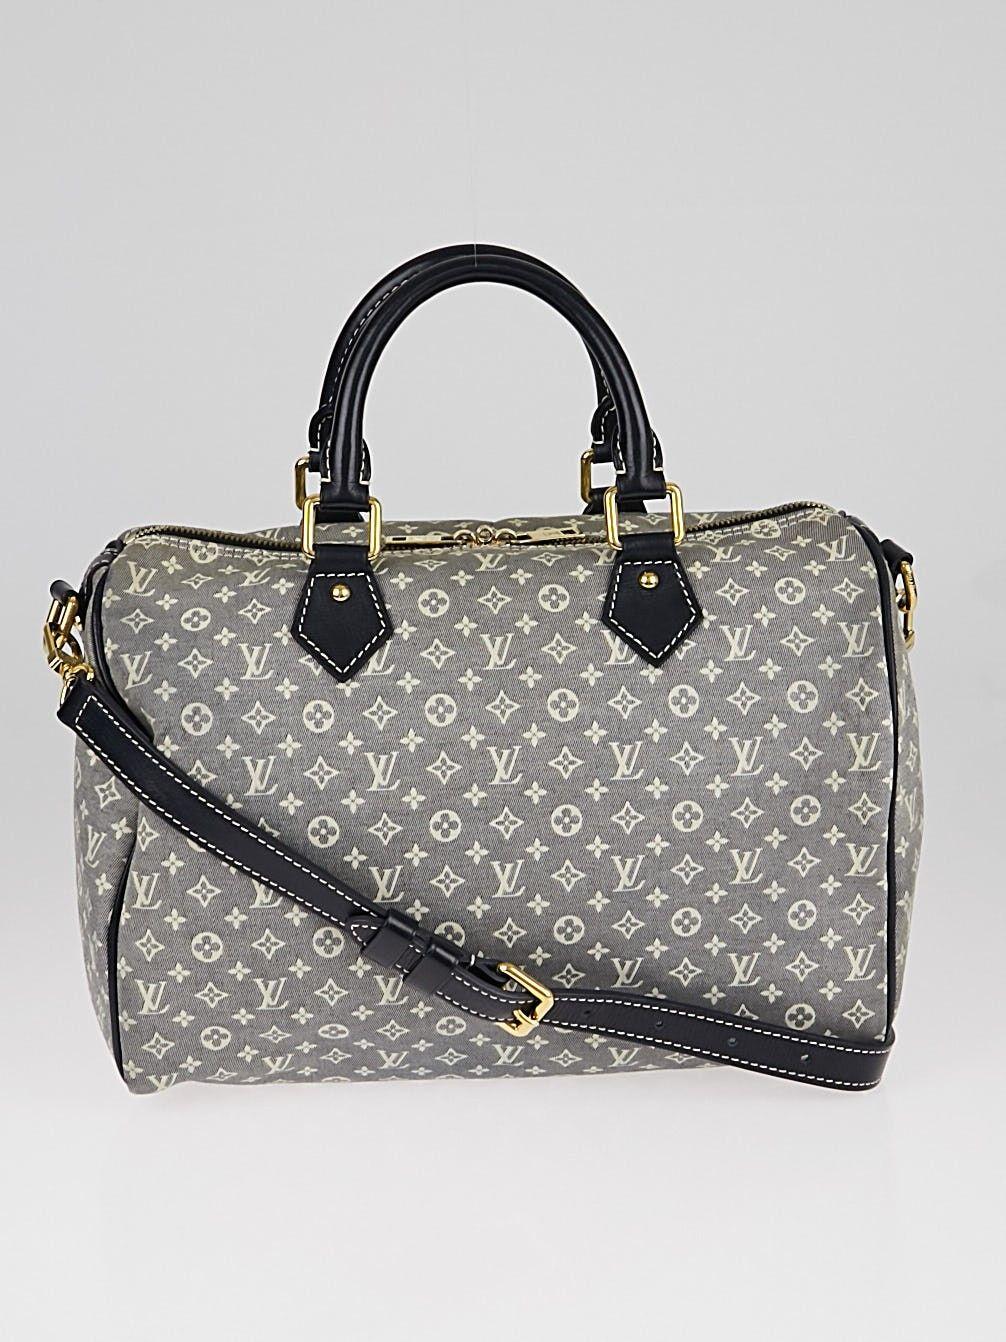 51060a5d39cf Louis Vuitton Encre Monogram Idylle Canvas Speedy Bandouliere 30 Bag ...